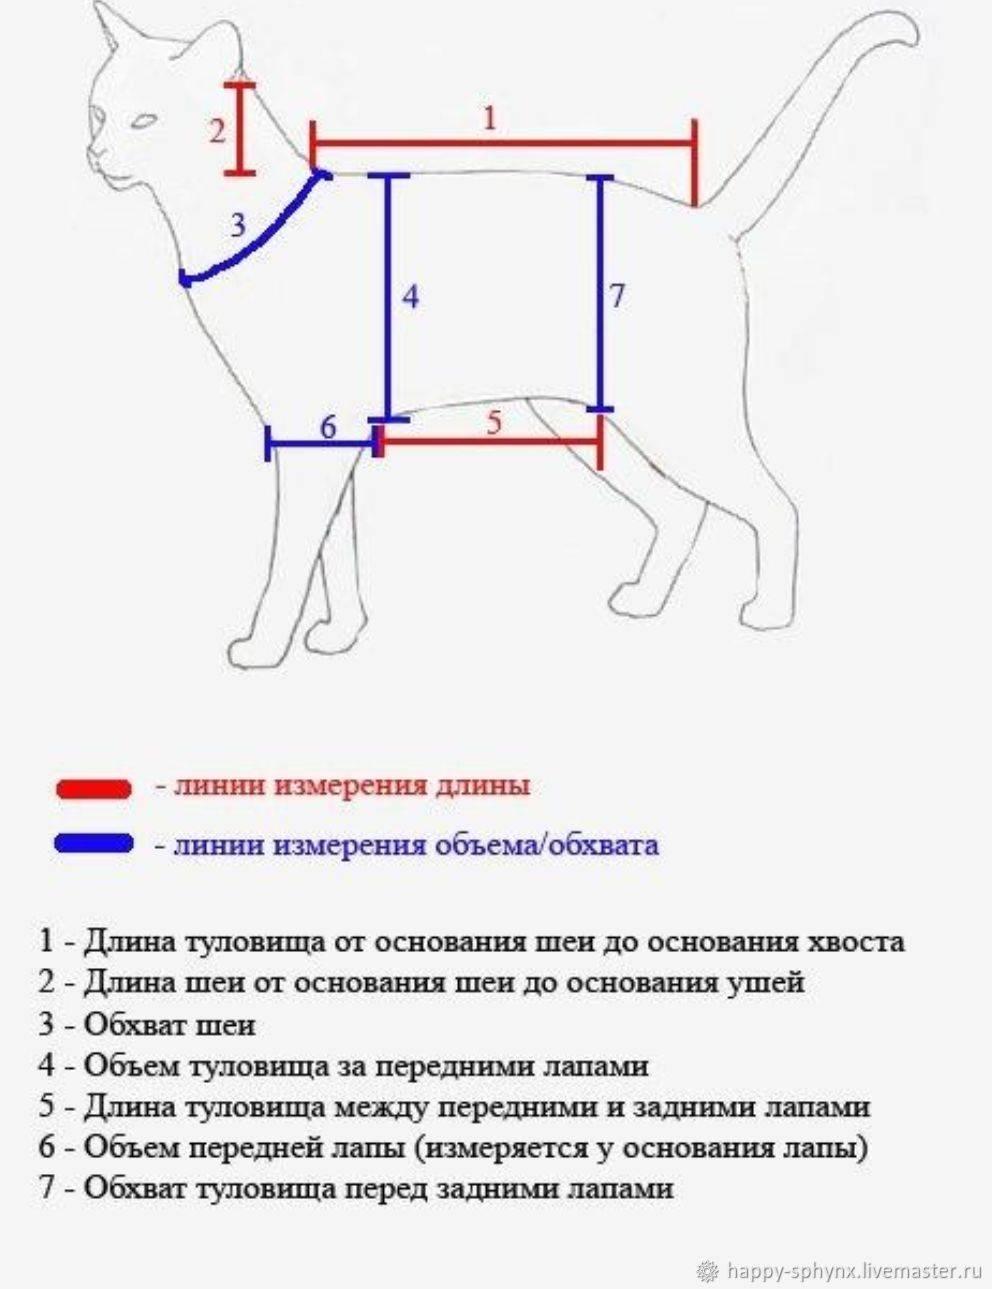 Как сшить кошку своими руками - пошаговое фото изготовления мартовского тильда котика. подборка схем и выкроек